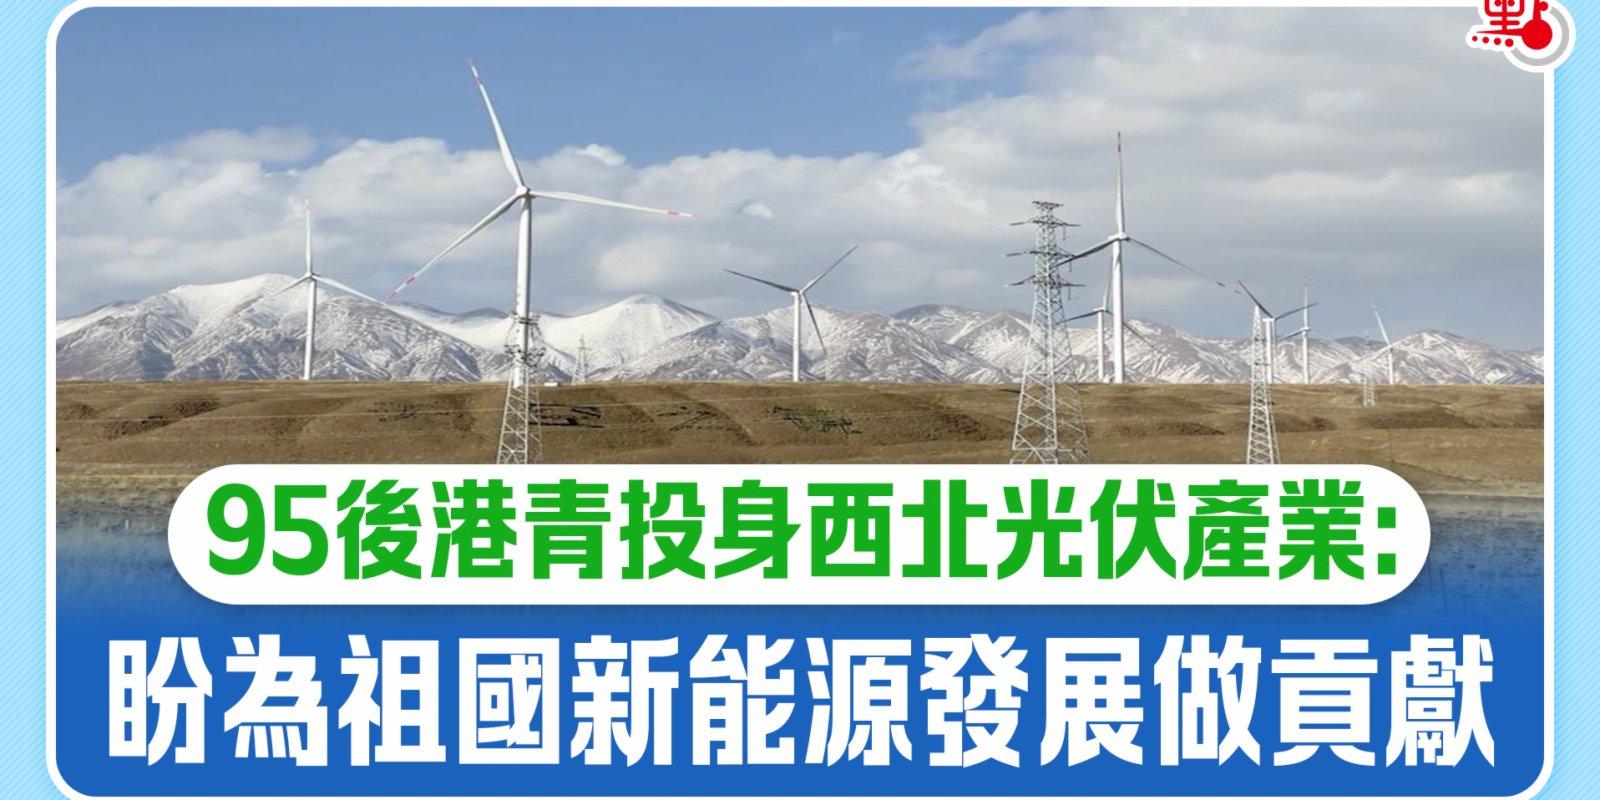 95後港青投身西北光伏產業:盼為國家新能源發展作貢獻